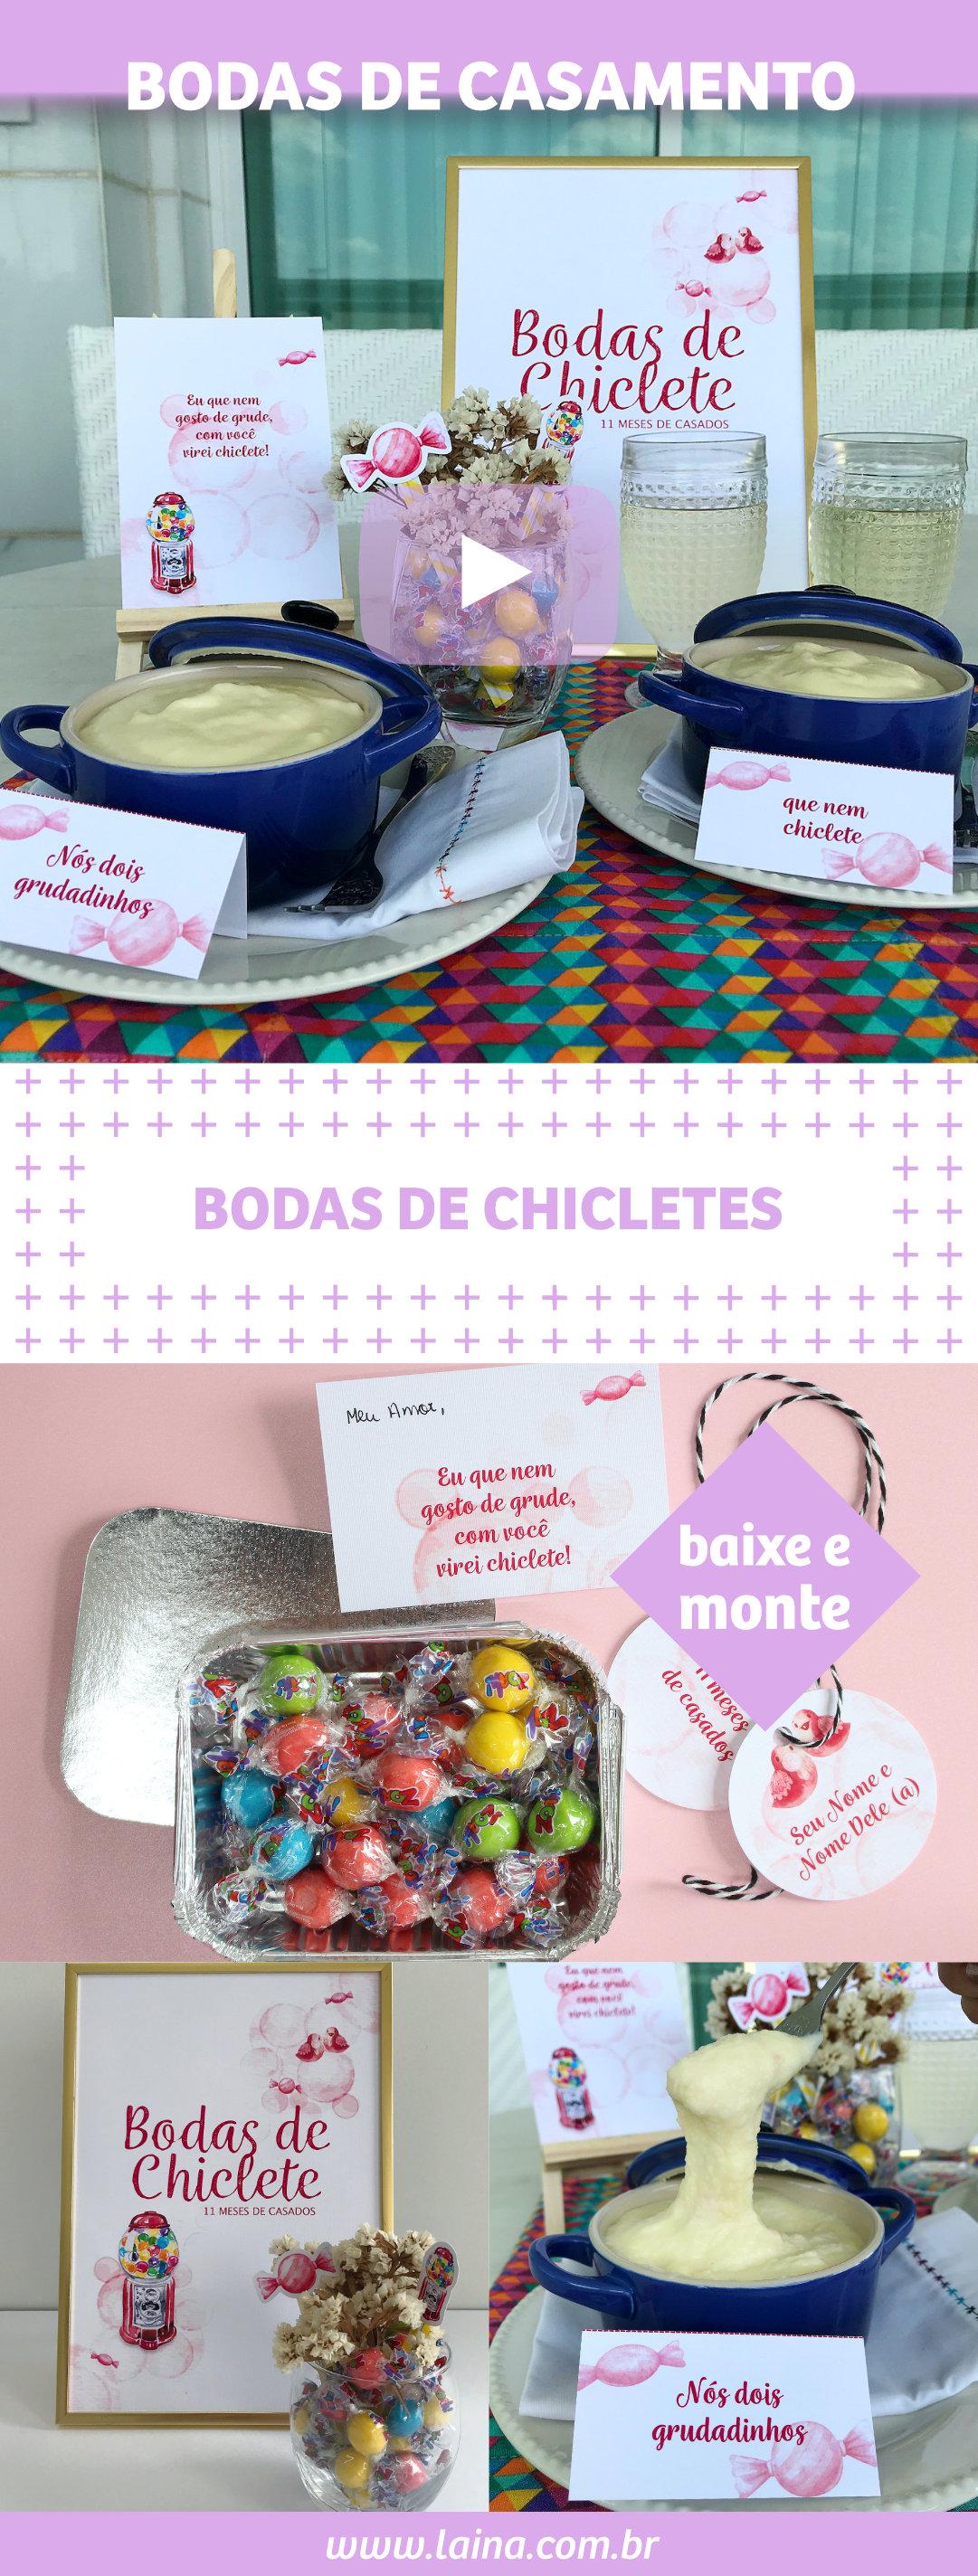 BODAS DE CHICLETES: Dica de Receita Fácil para fazer com o seu amor!!